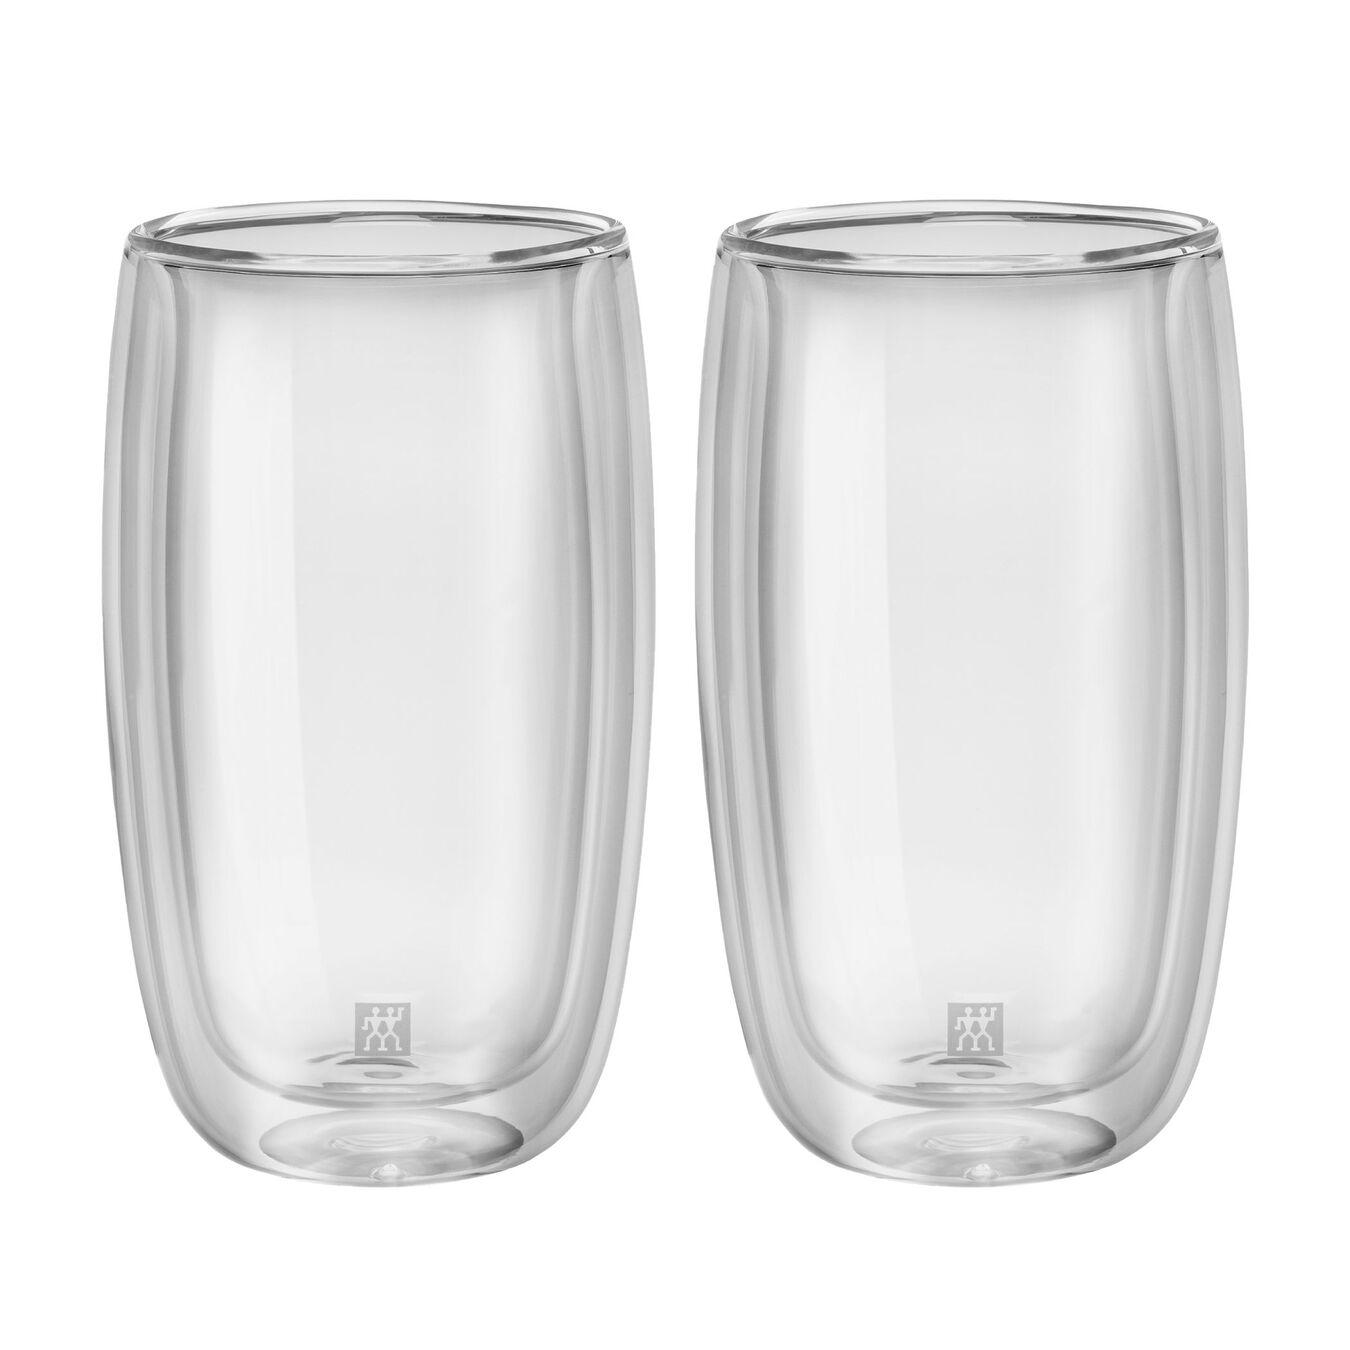 Latte Macchiato Glasset 350 ml / 2-tlg,,large 1